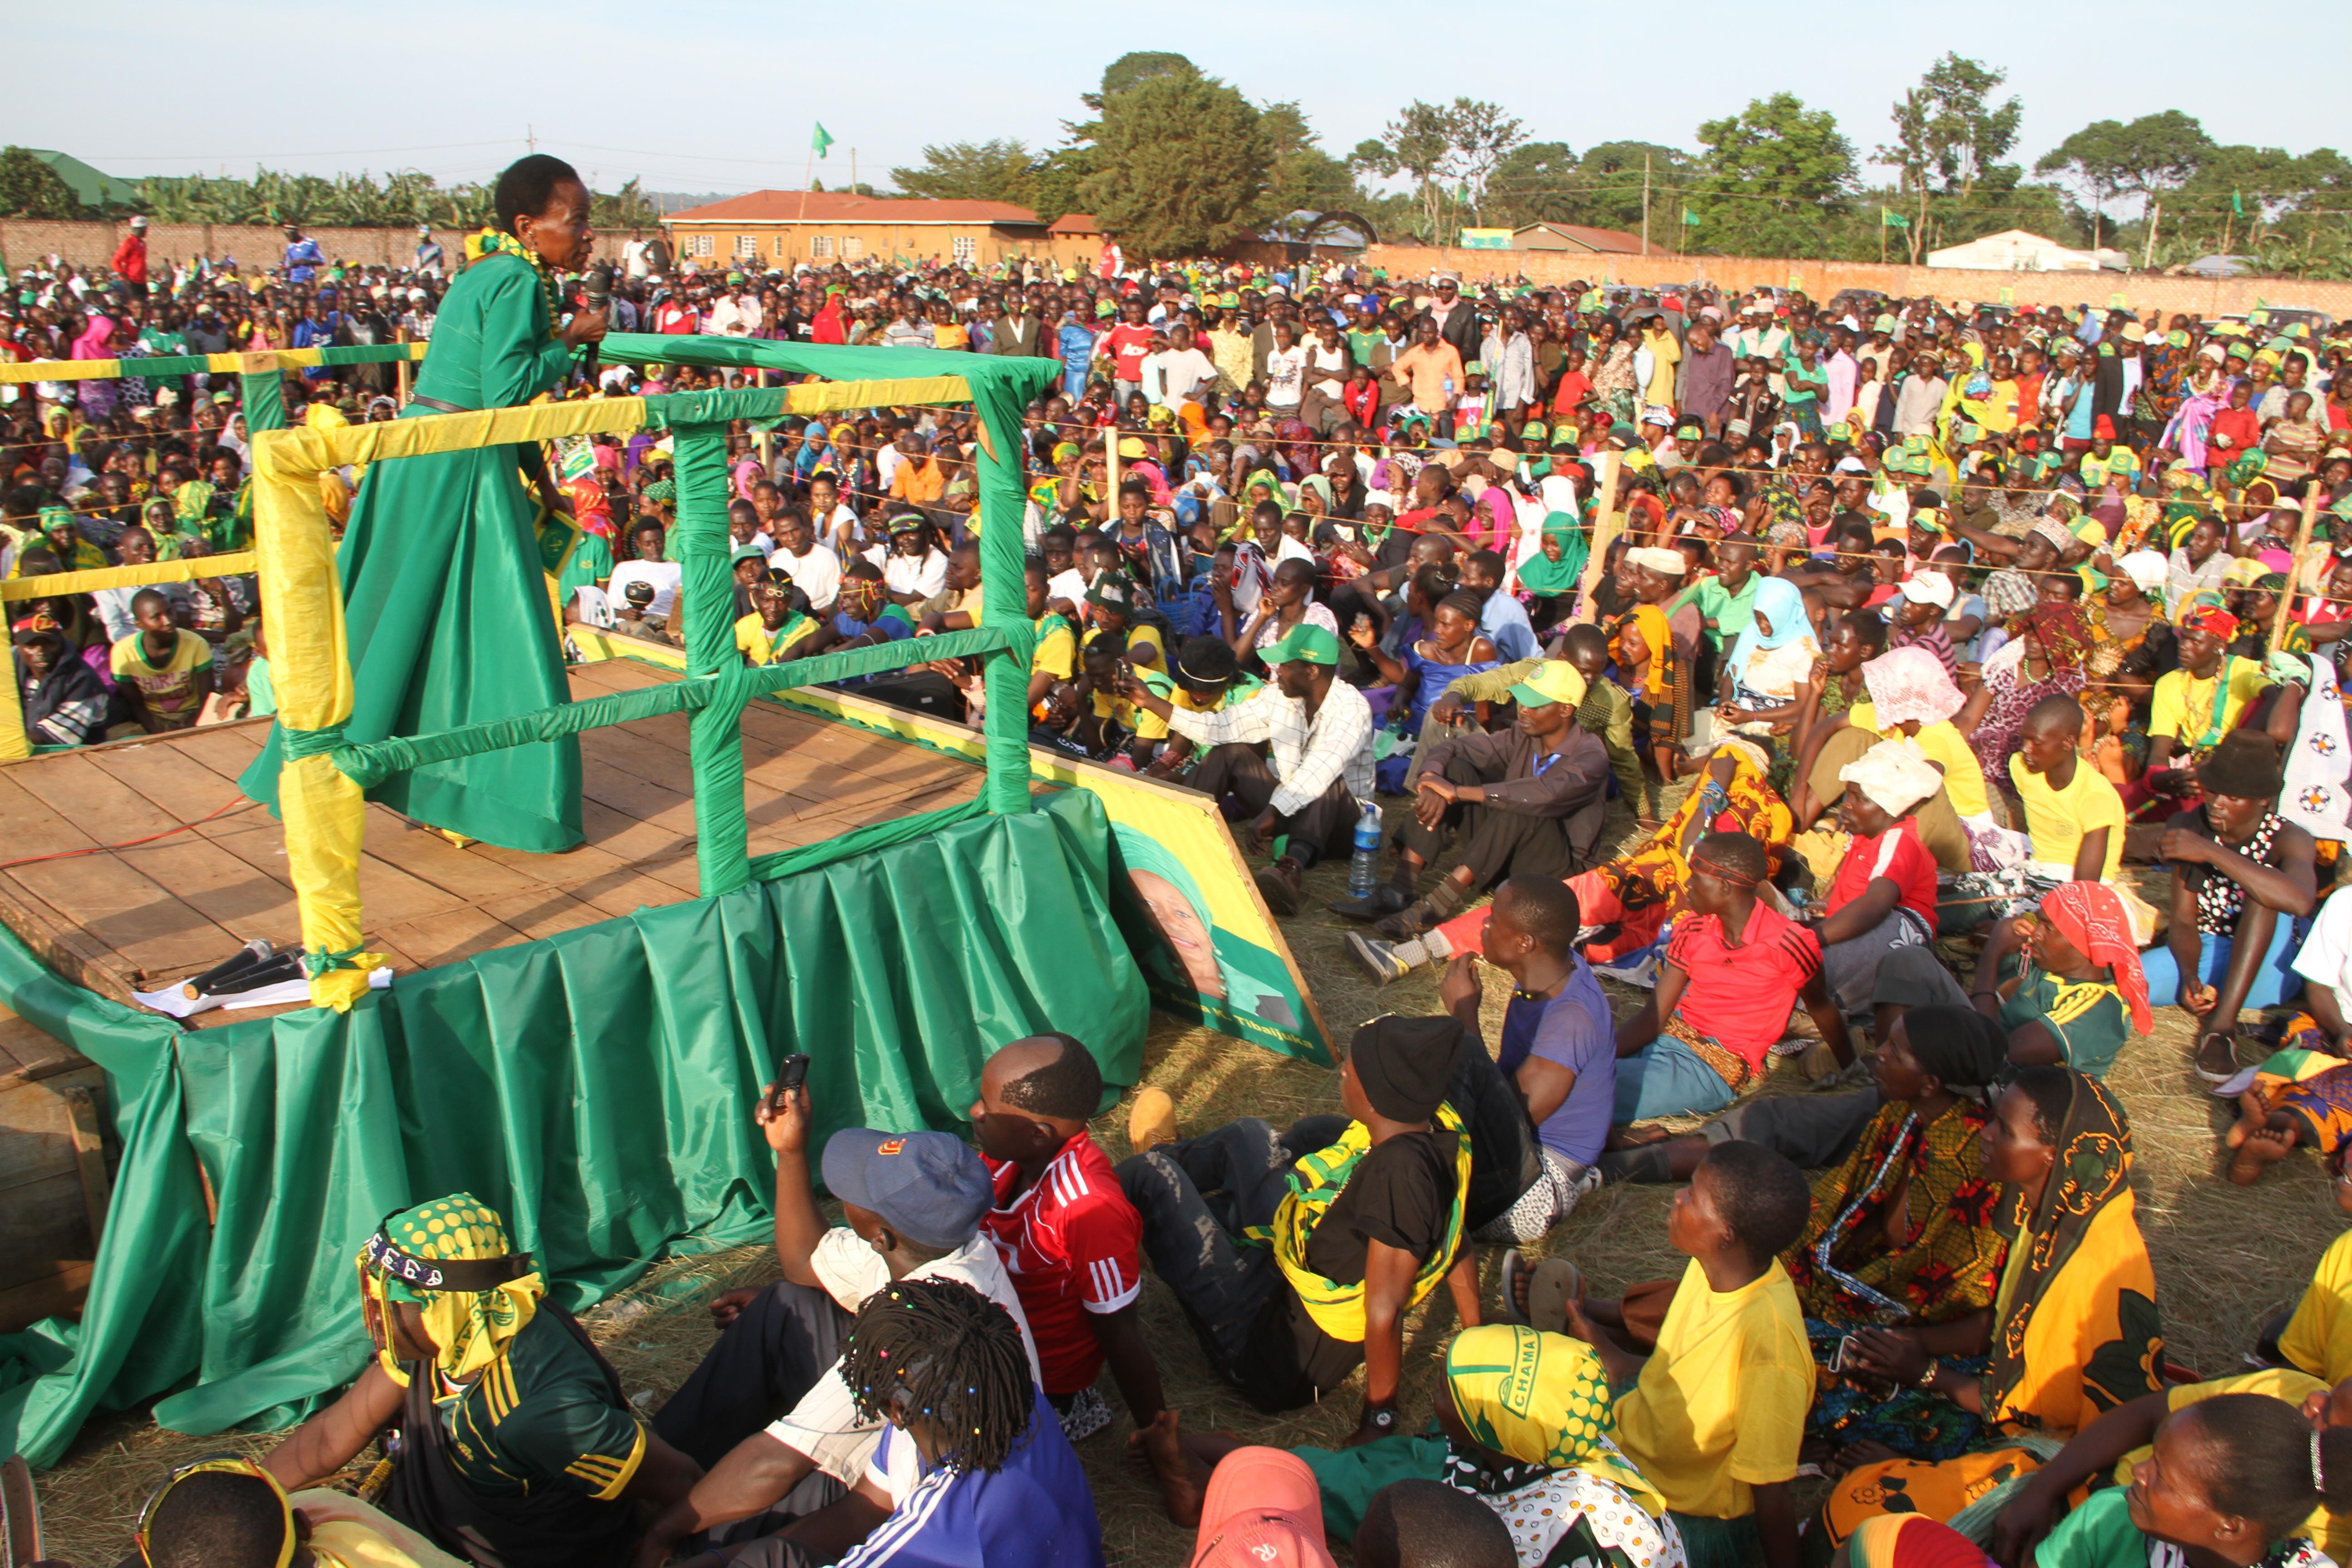 Prof Anna Tibaijuka akihutubia wananchi wa Muleba kusini katika uzinduzi wa kampeni za ubungezilizofanyika  uwanja wa David B. Zimbihile